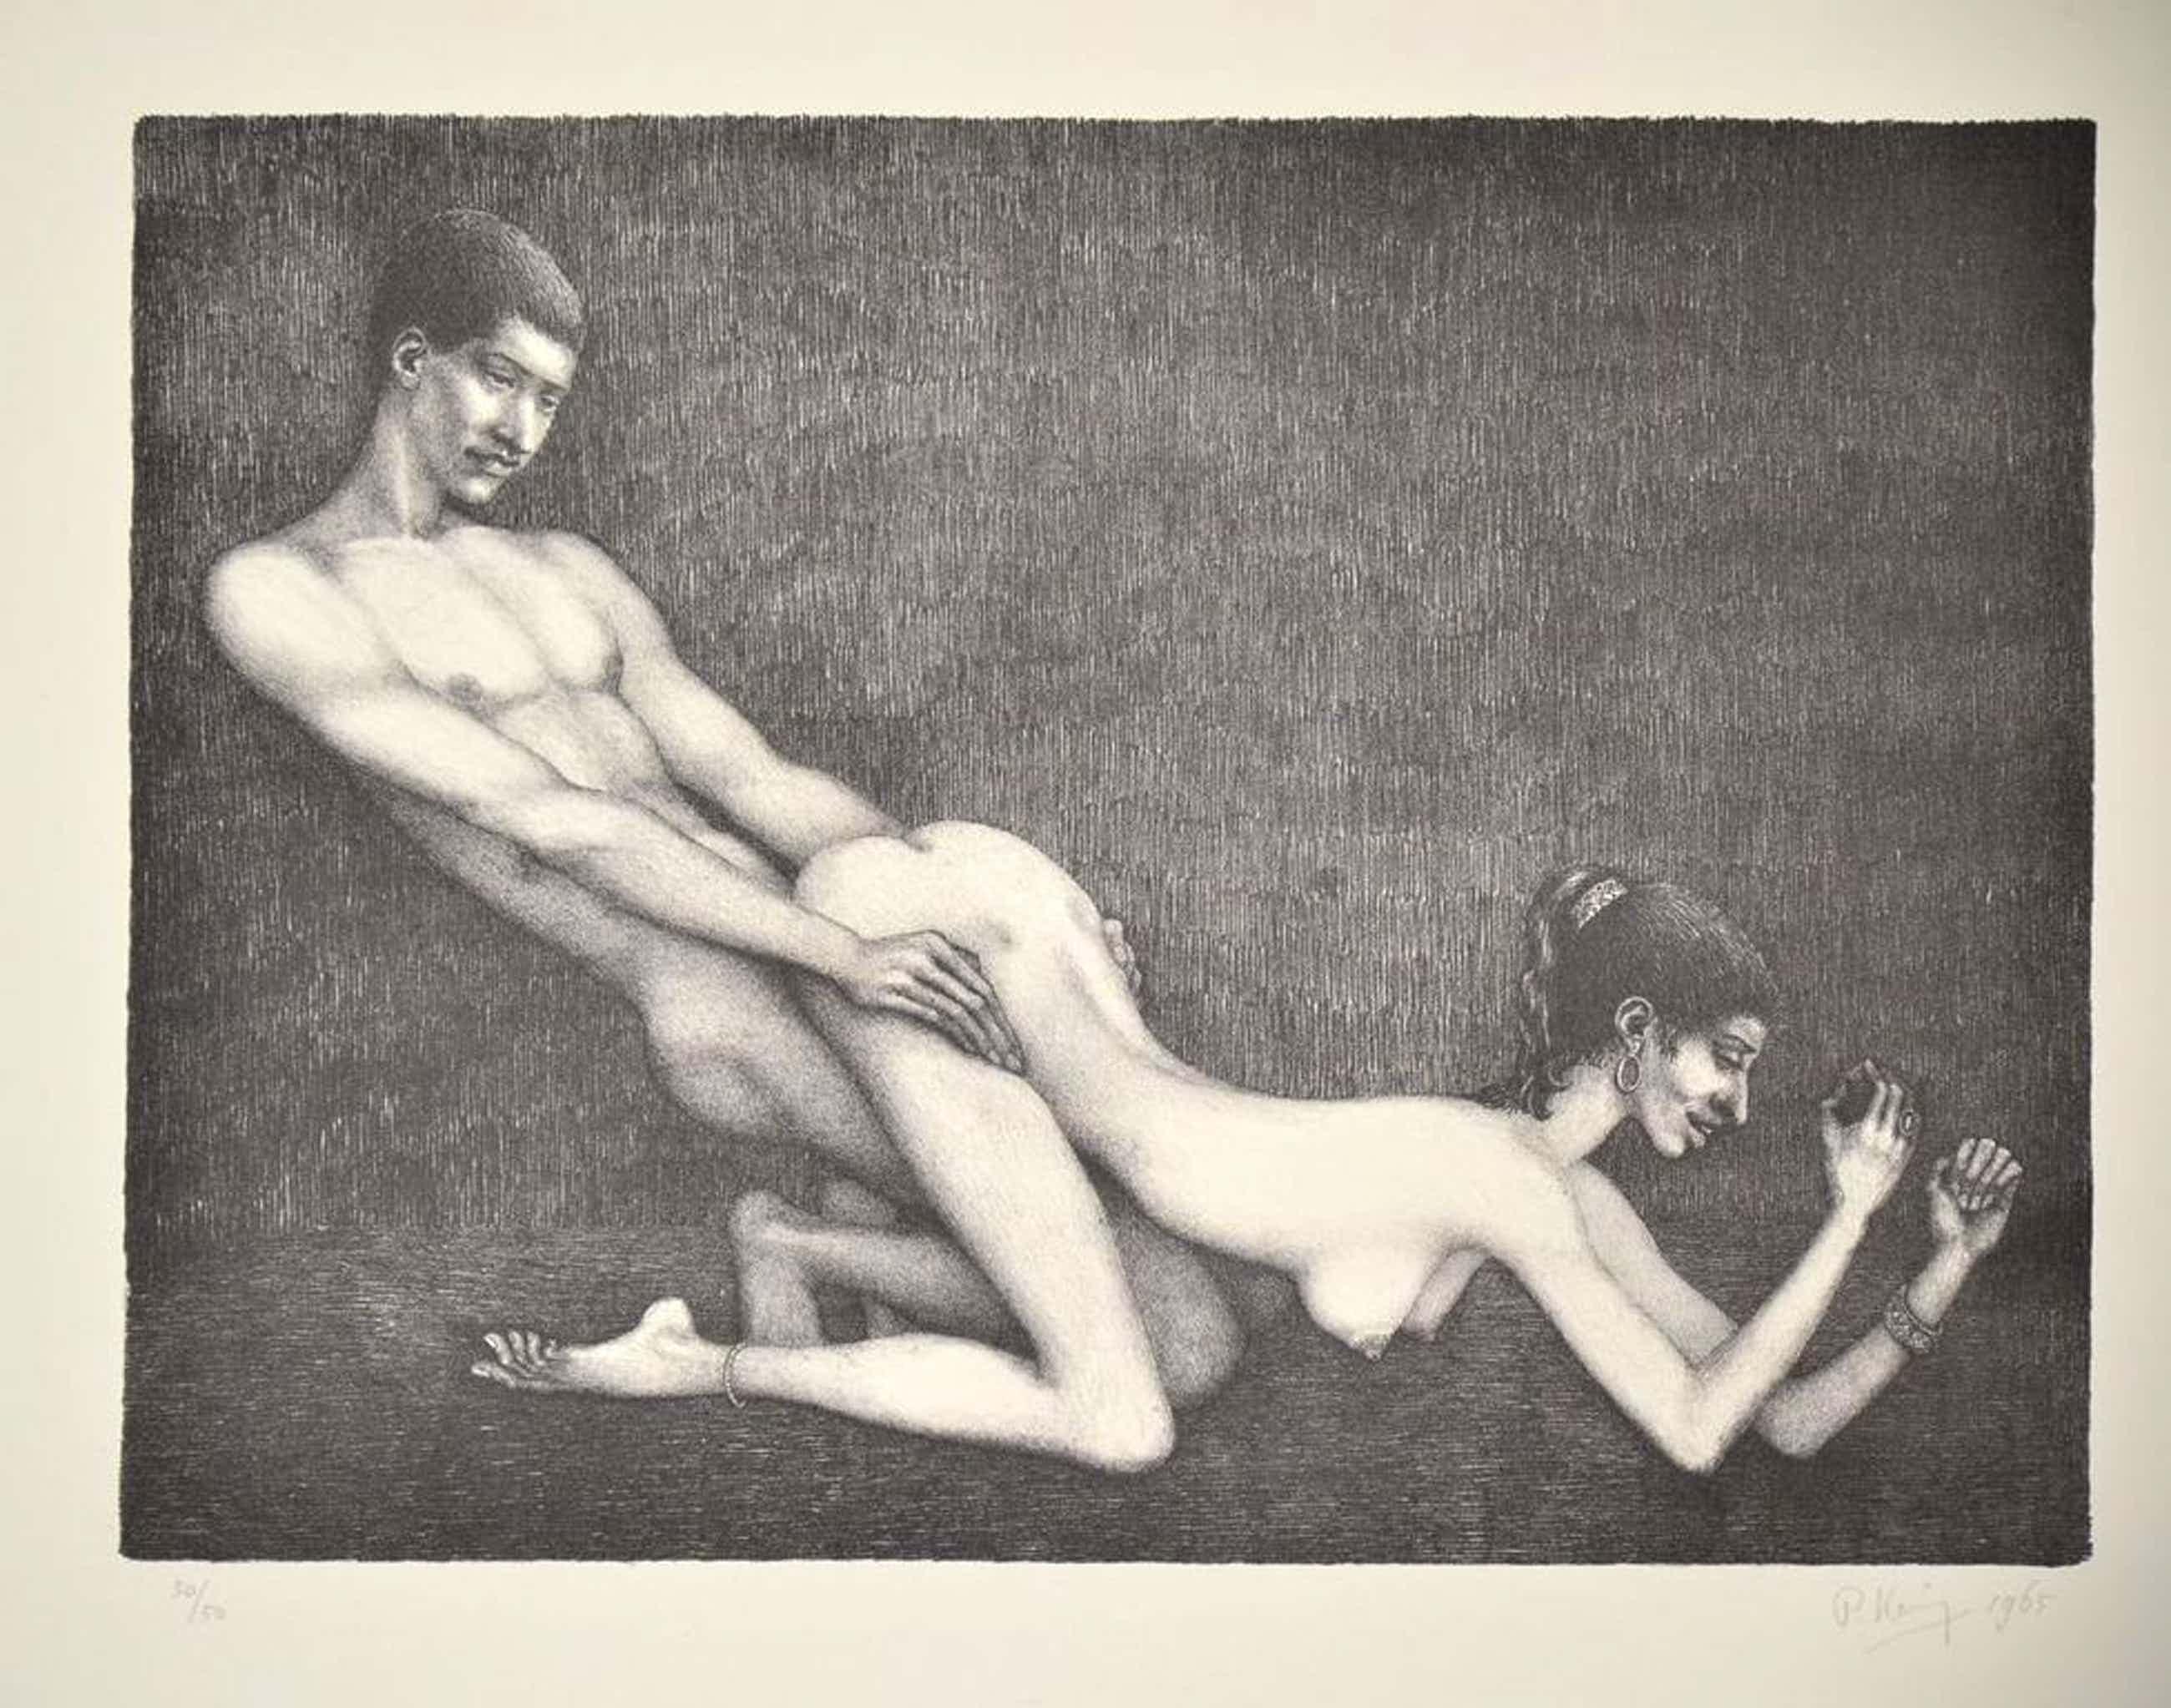 Paul Koning: Litho. Erotische voorstelling kopen? Bied vanaf 40!